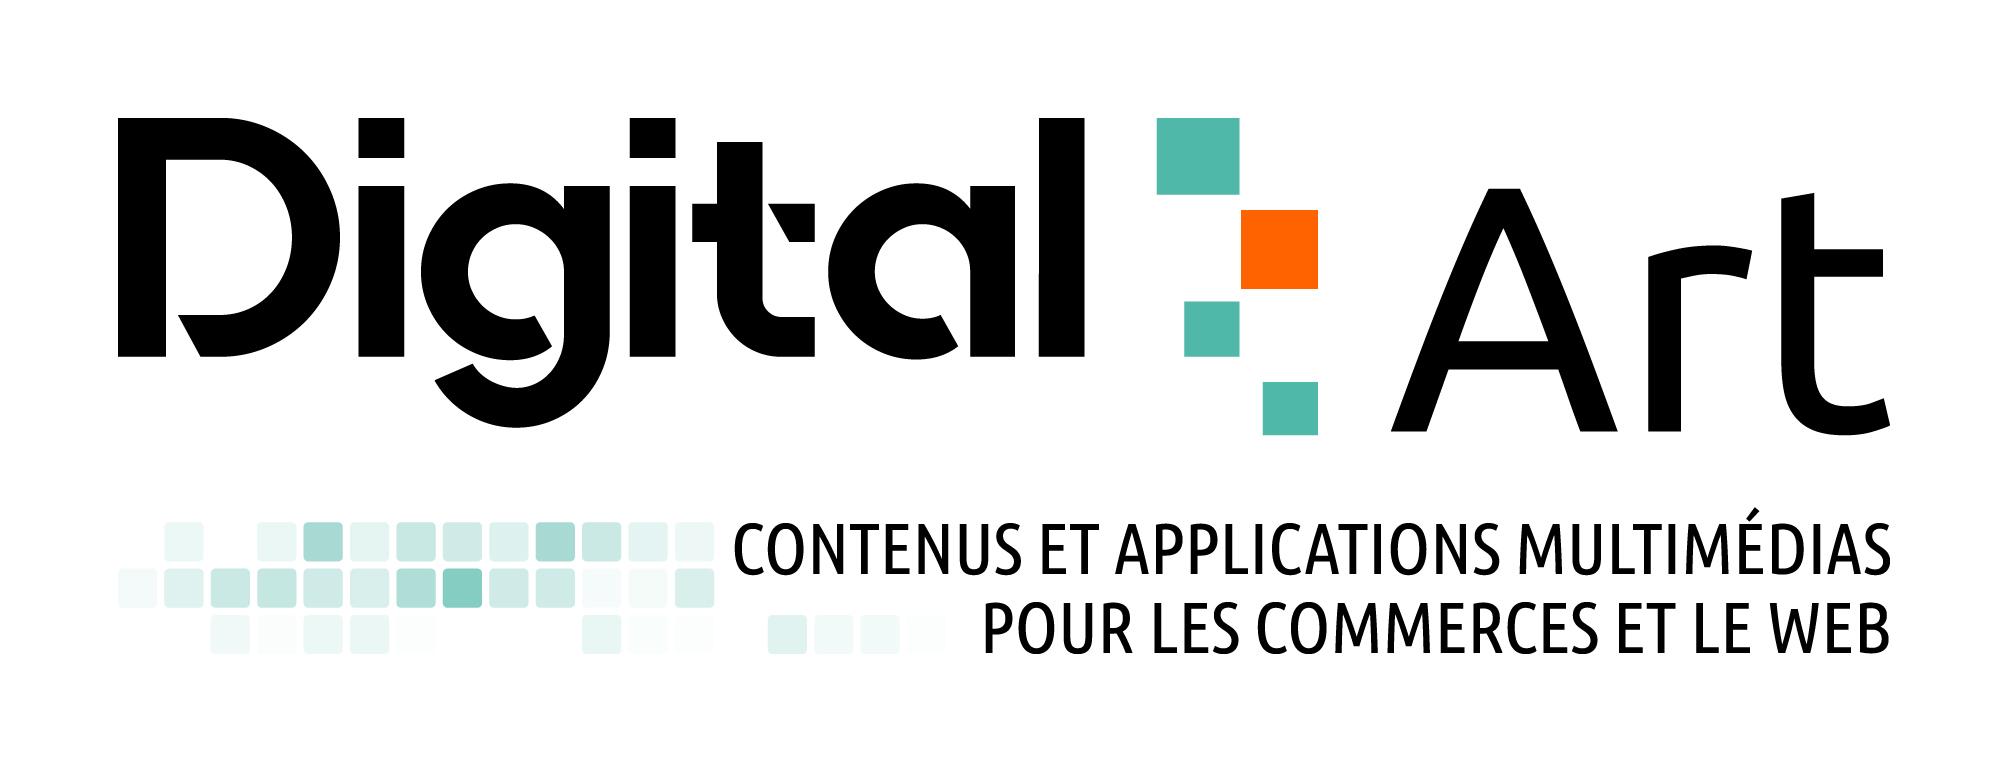 Contenus et application multimédias pour les commerces et le web